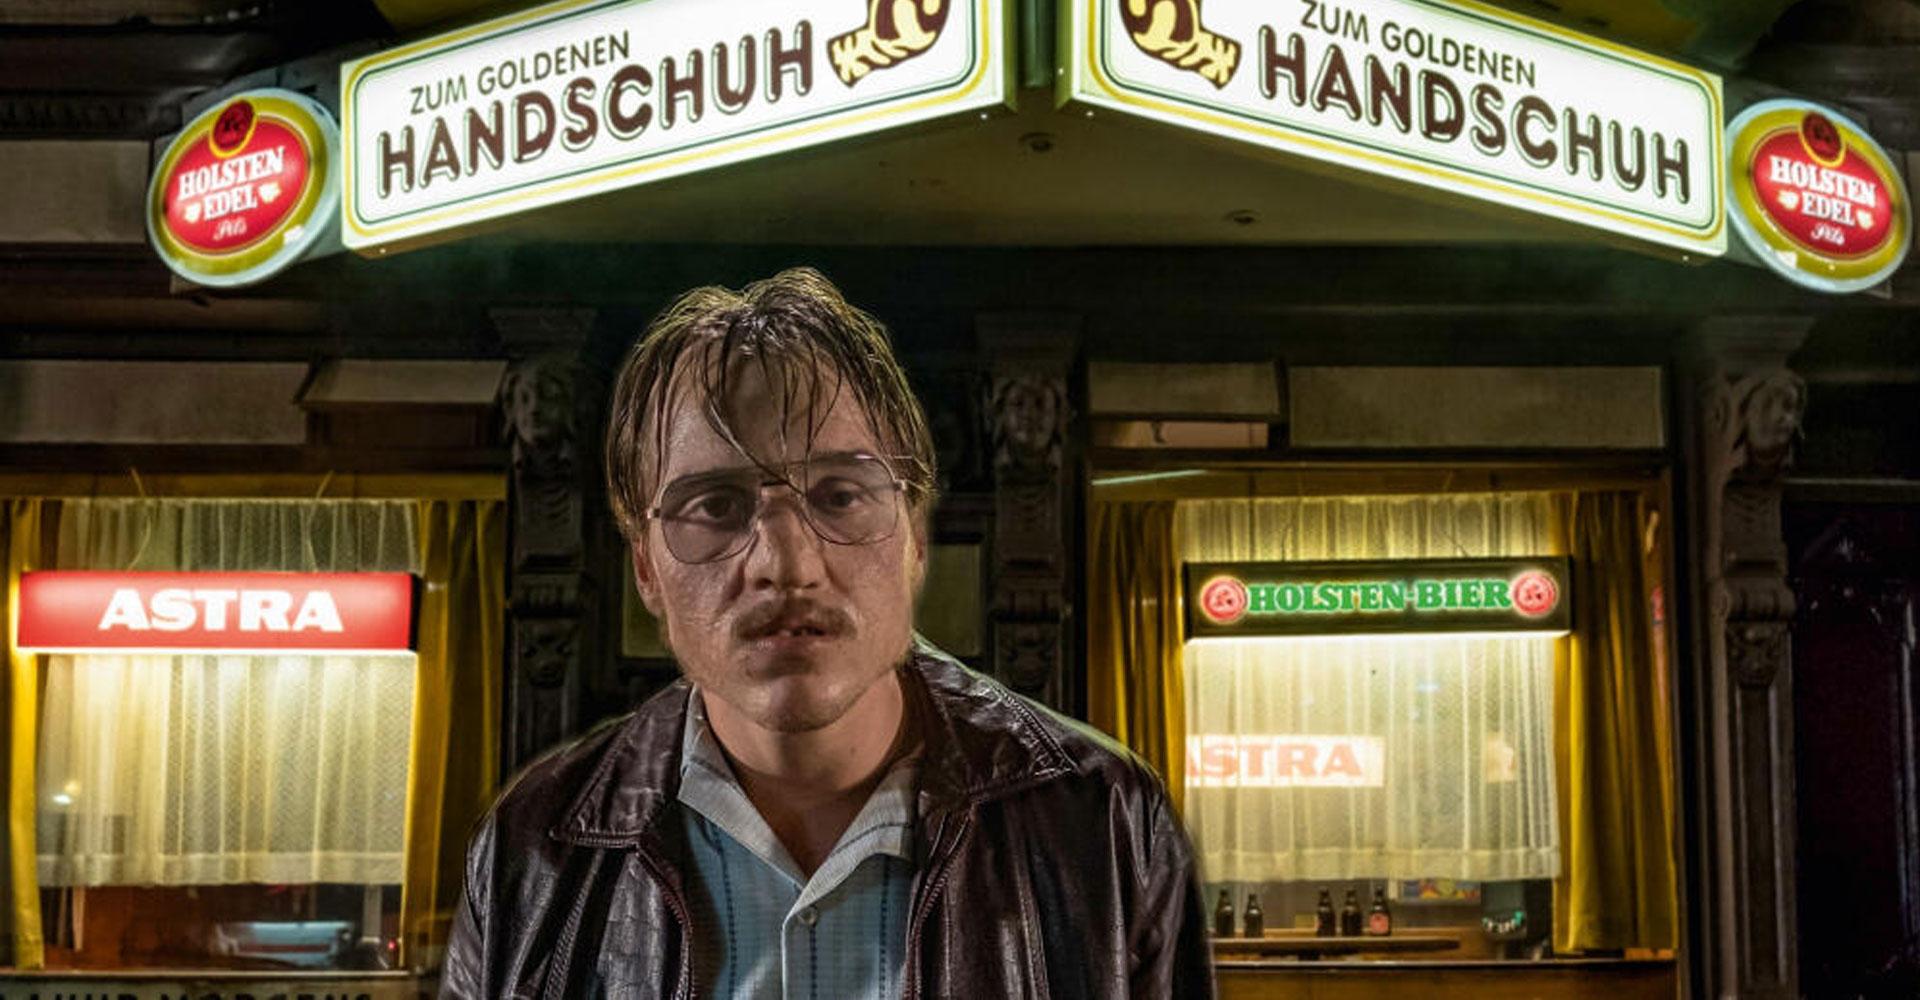 Jonas Dassler in der goldene Handschuh